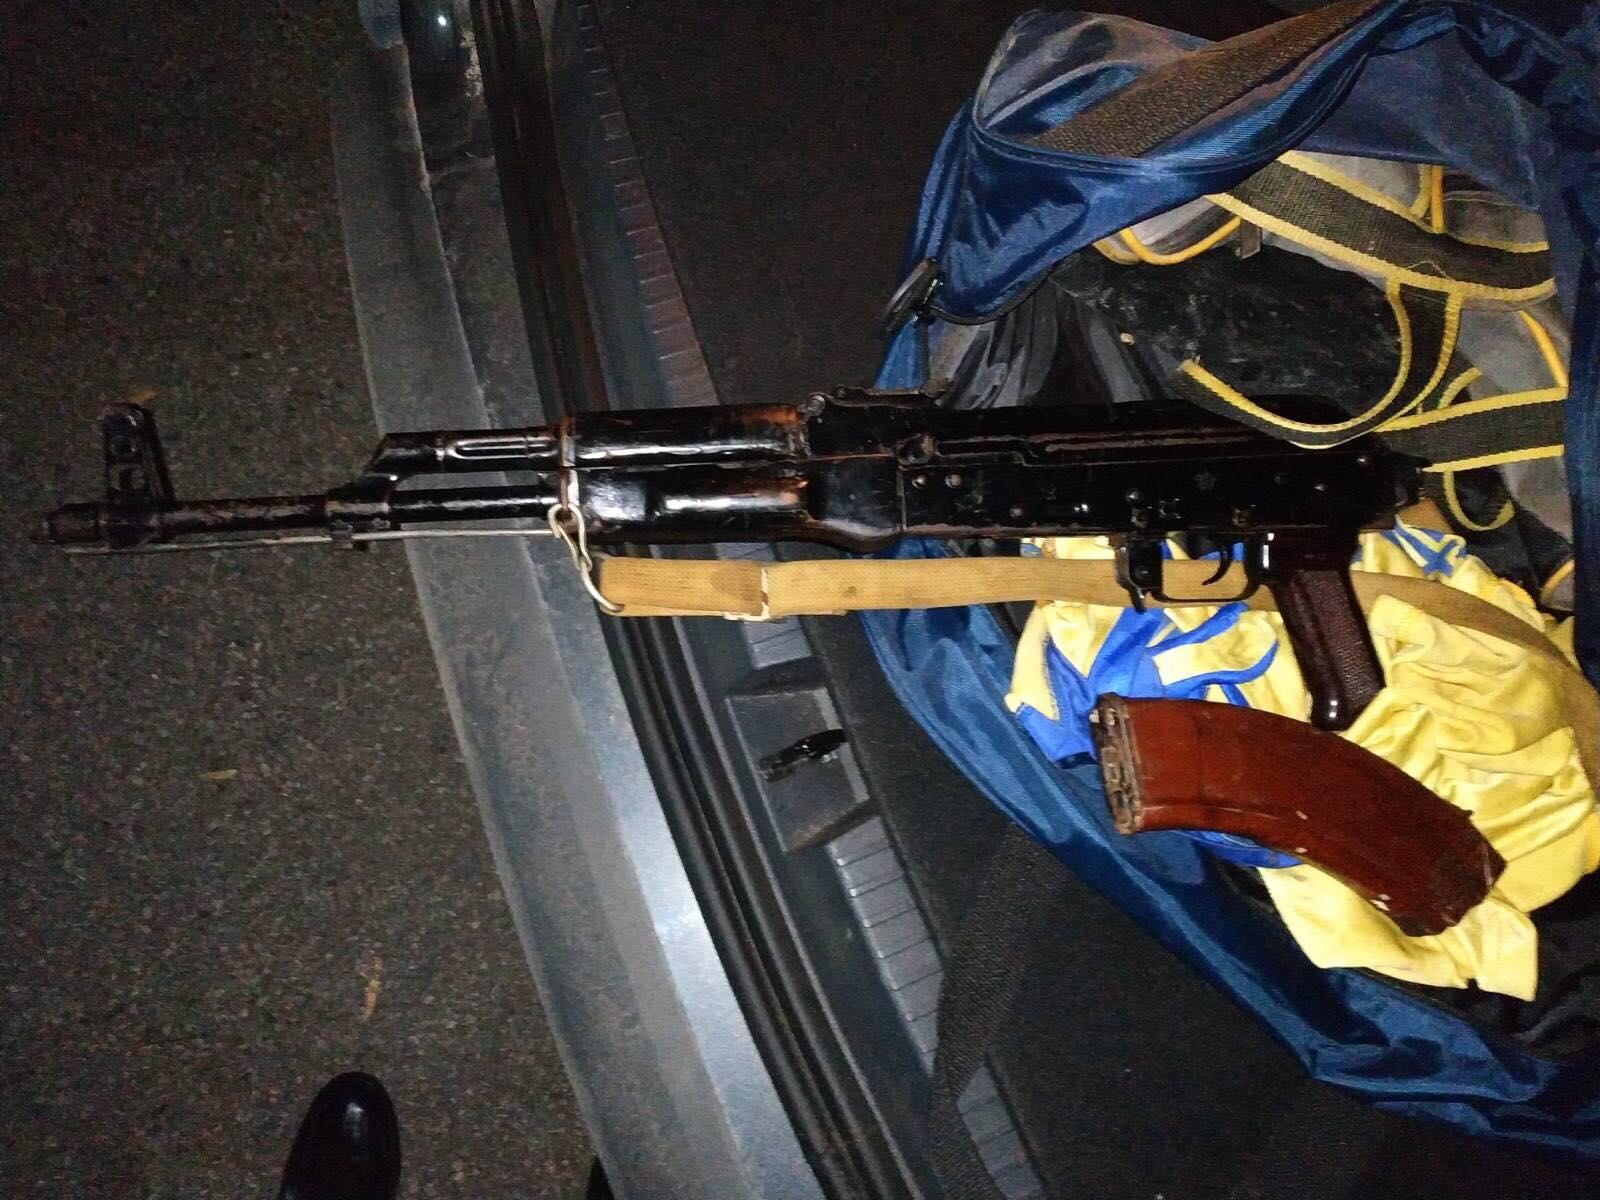 Продавал приборы для угона машин. ВКишиневе задержали полицейского иеще пять подозреваемых вторговле оружием